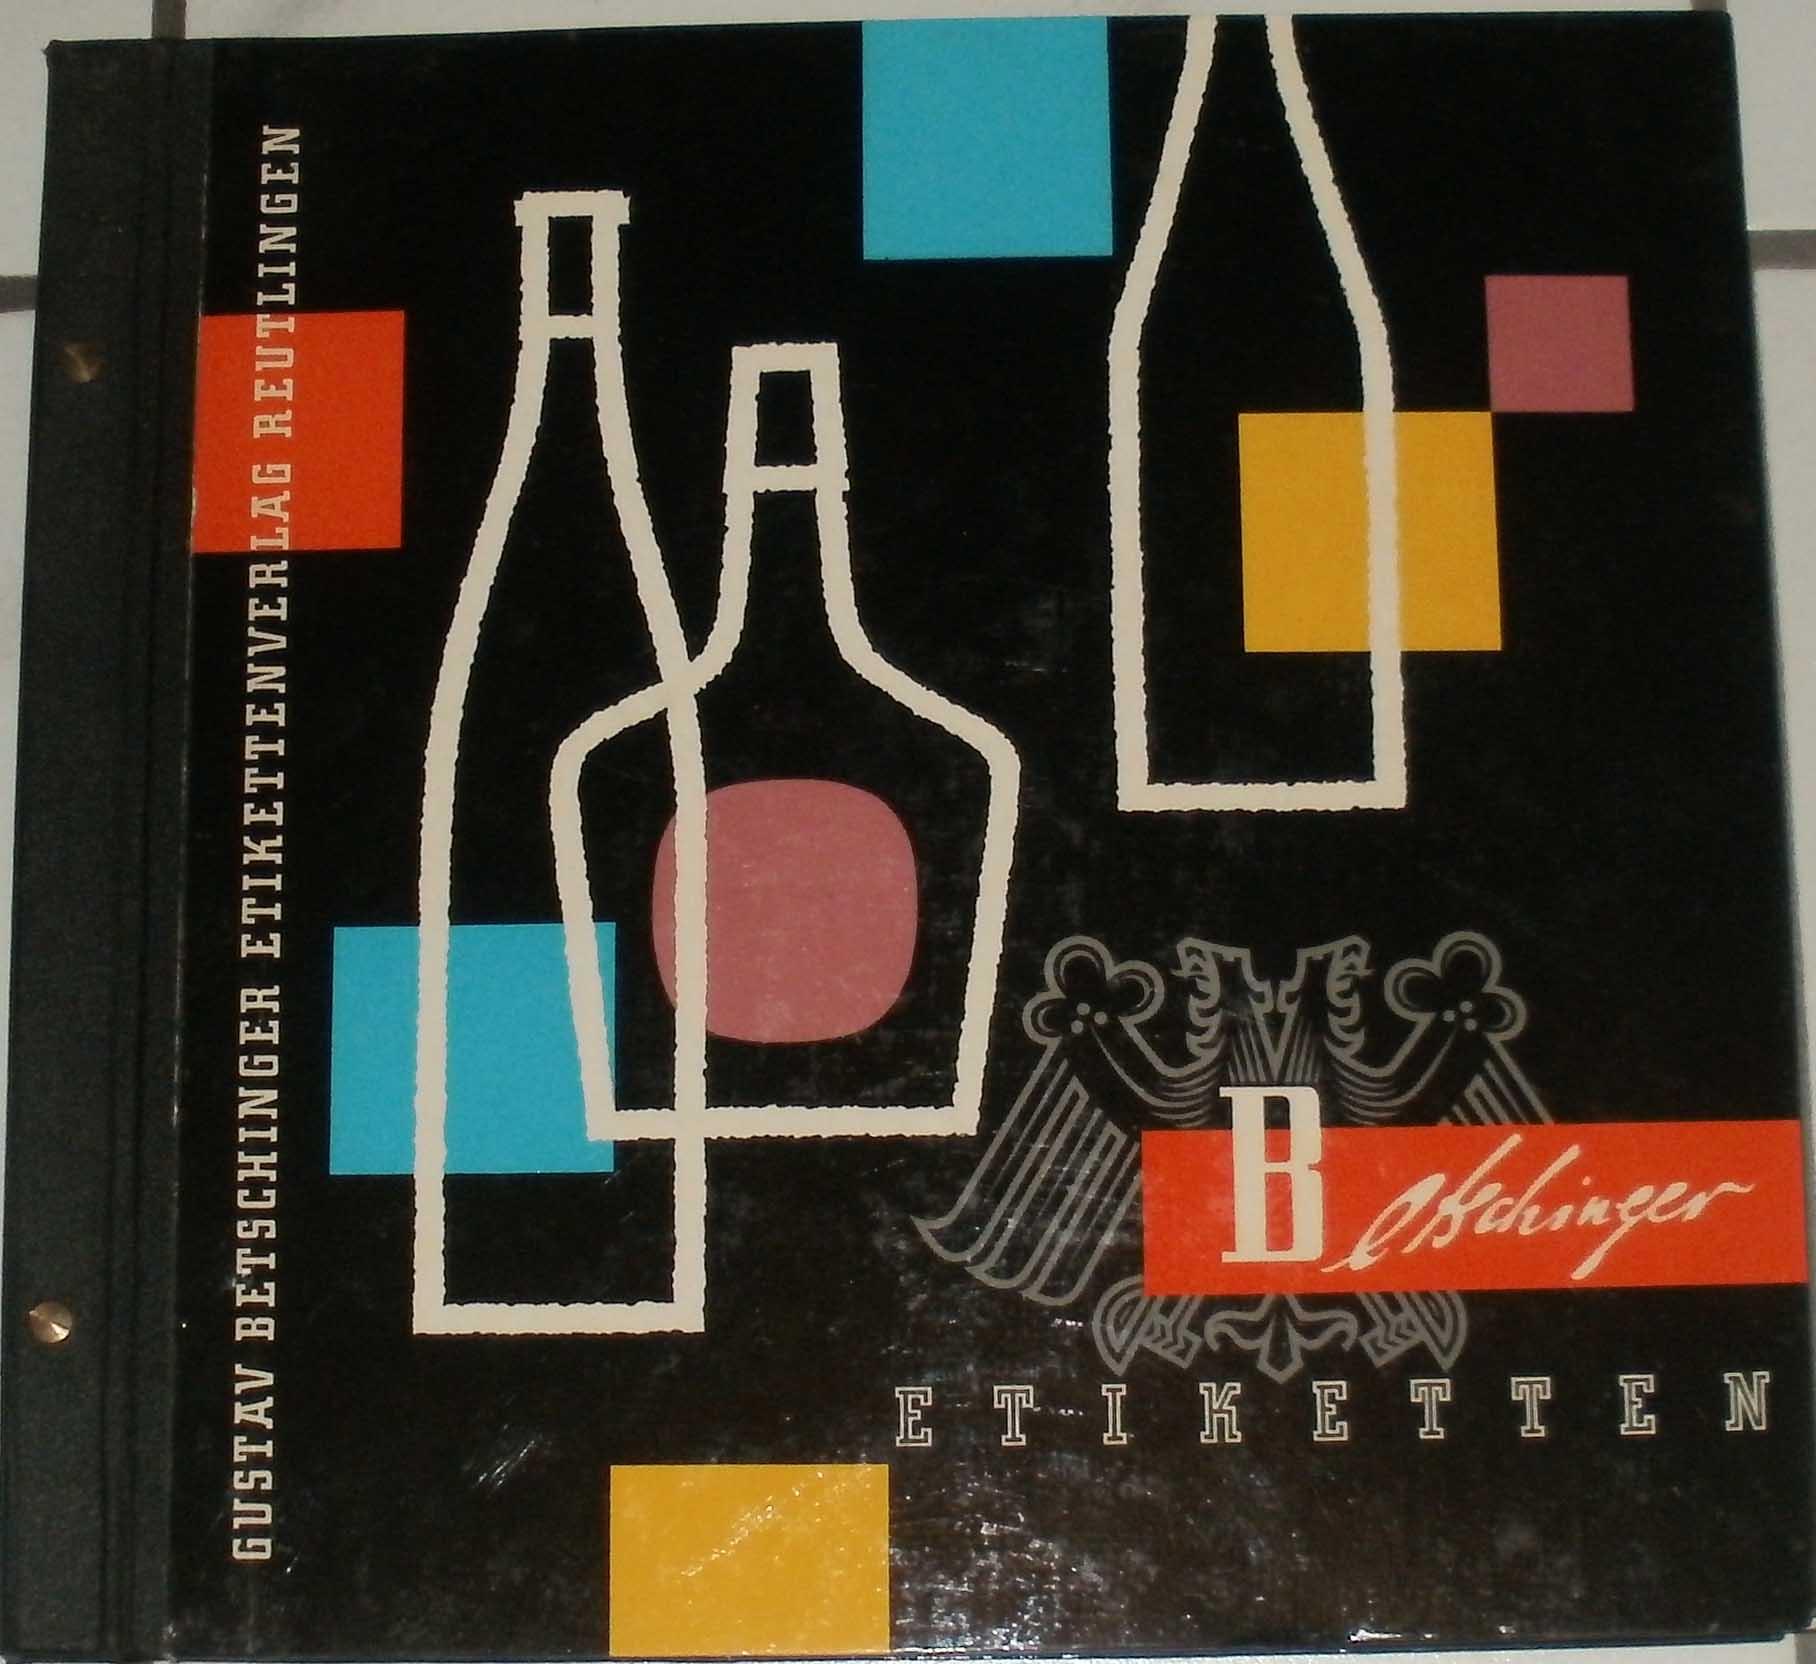 Etiketten für Weine, Spirituosen, Fruchtsäfte. - Musterkatalog.